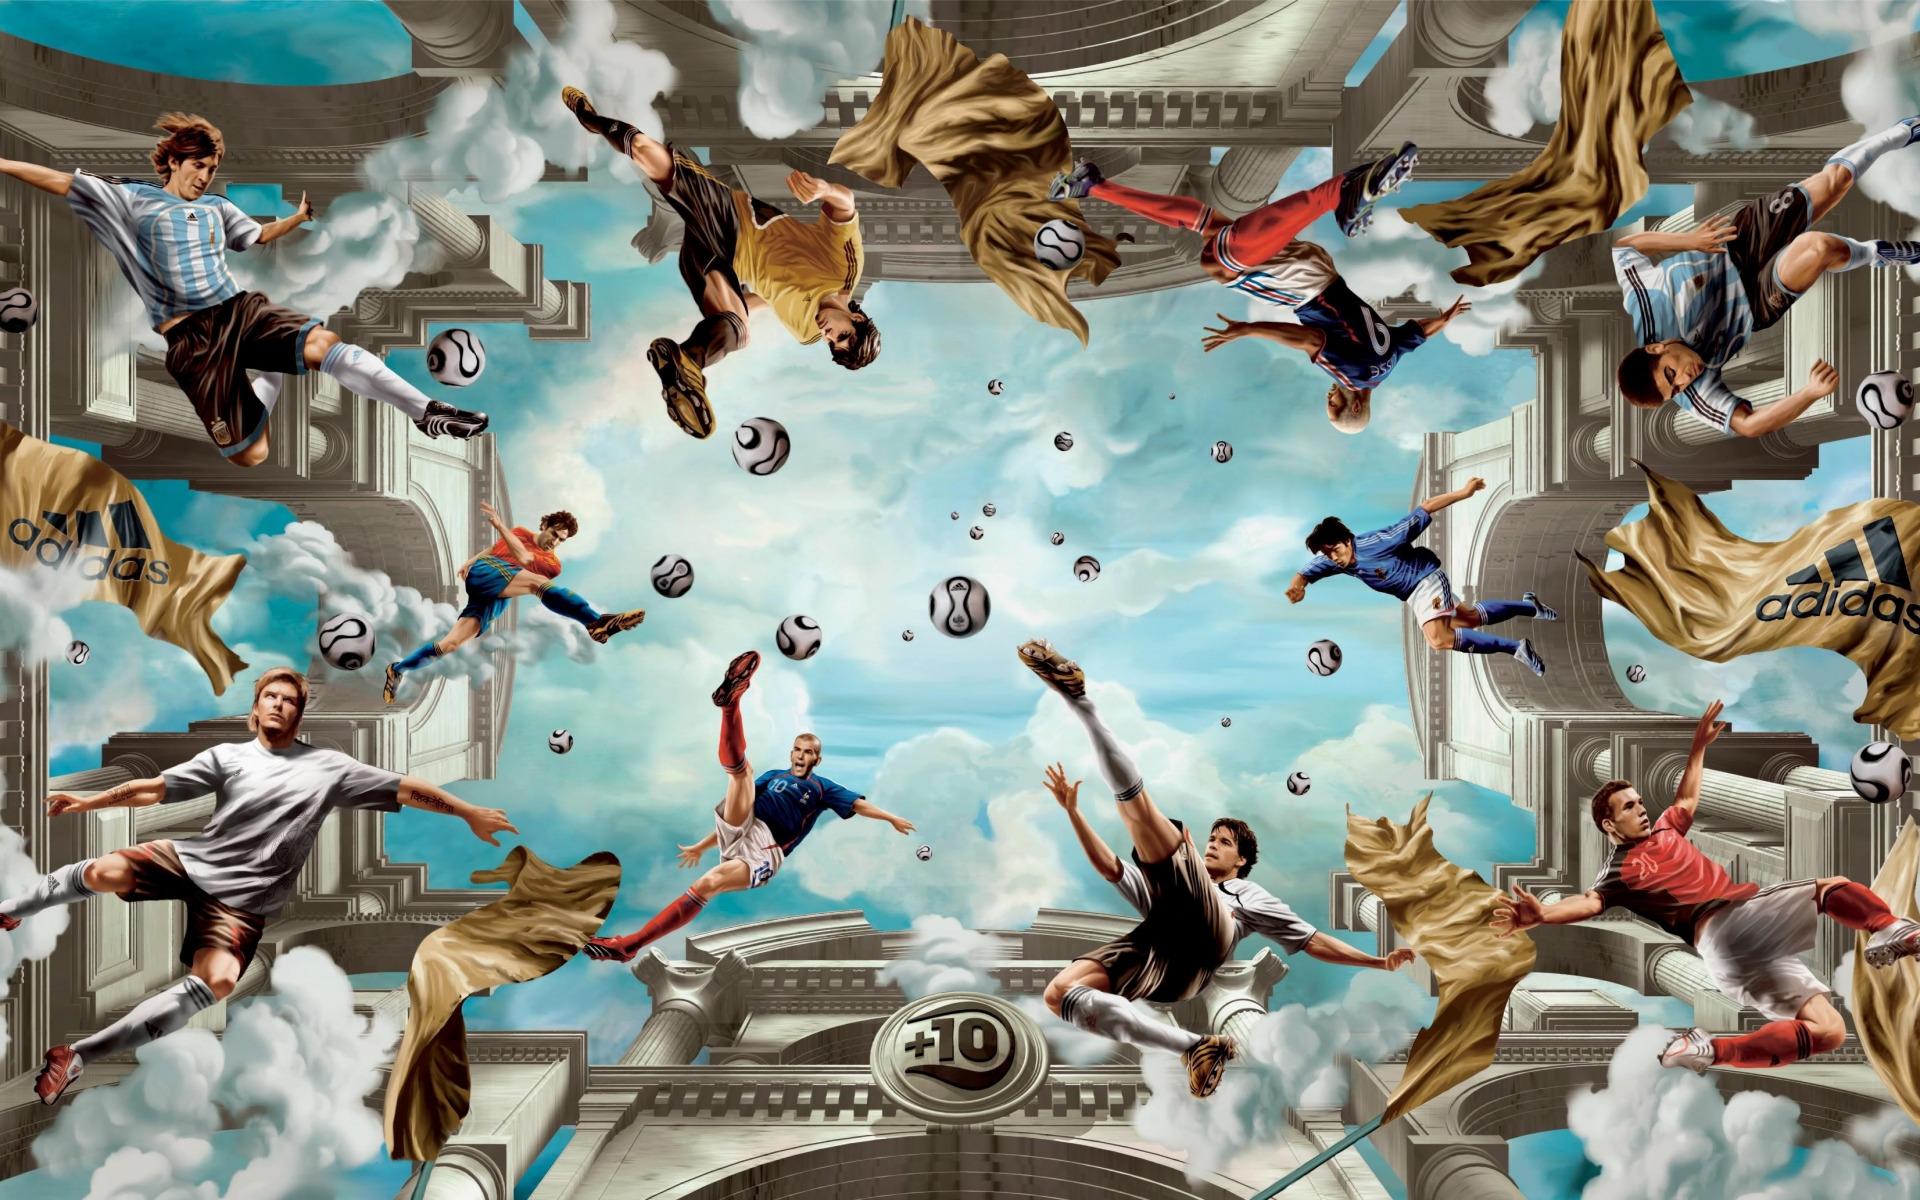 постер на тему спорта